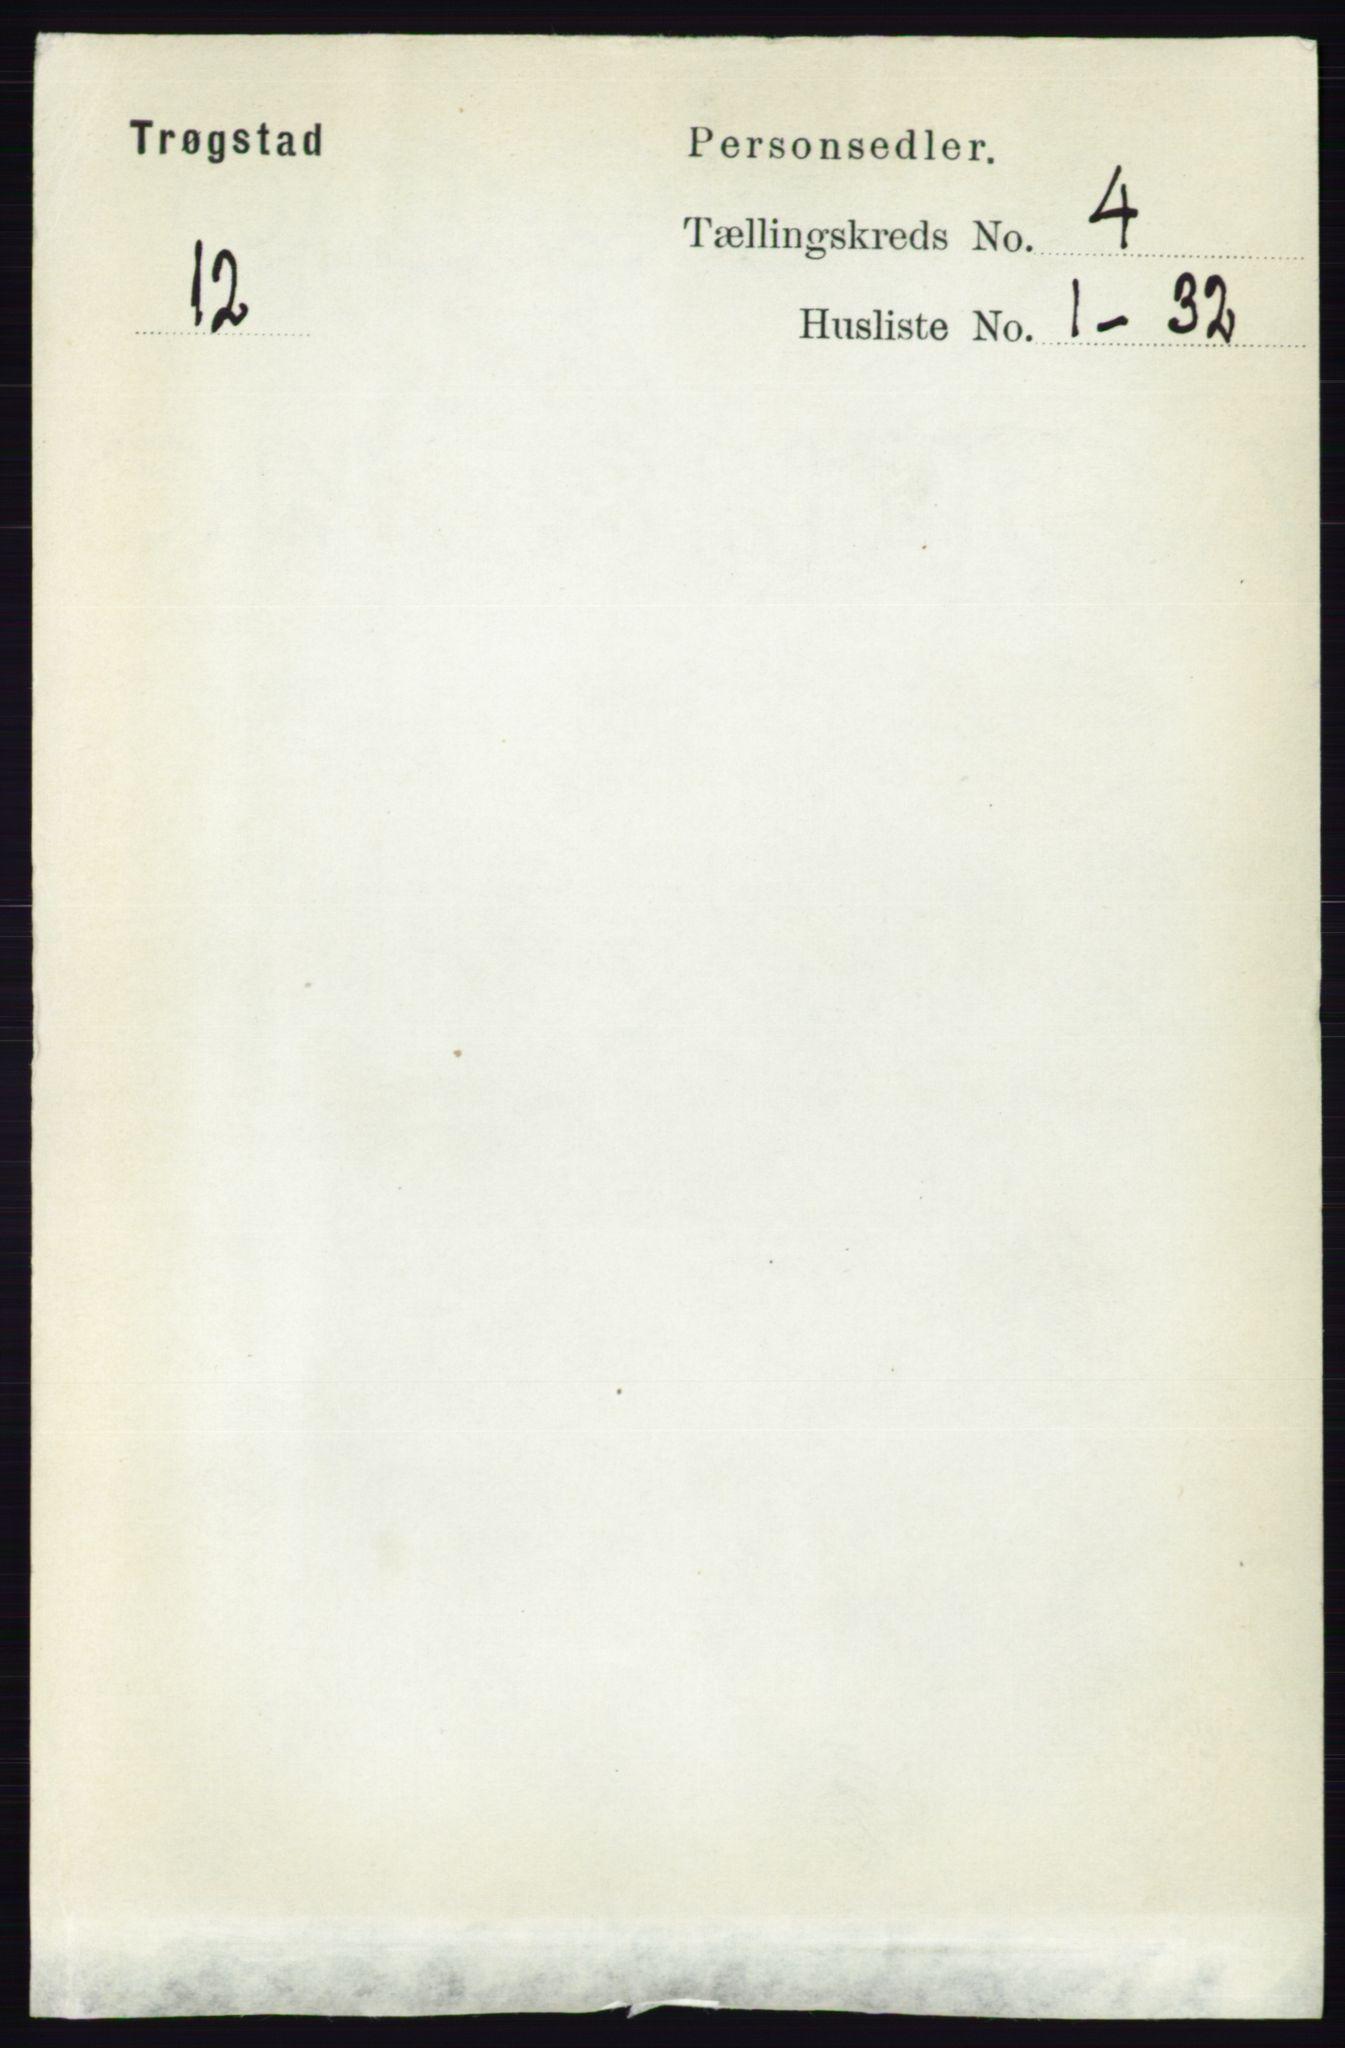 RA, Folketelling 1891 for 0122 Trøgstad herred, 1891, s. 1578